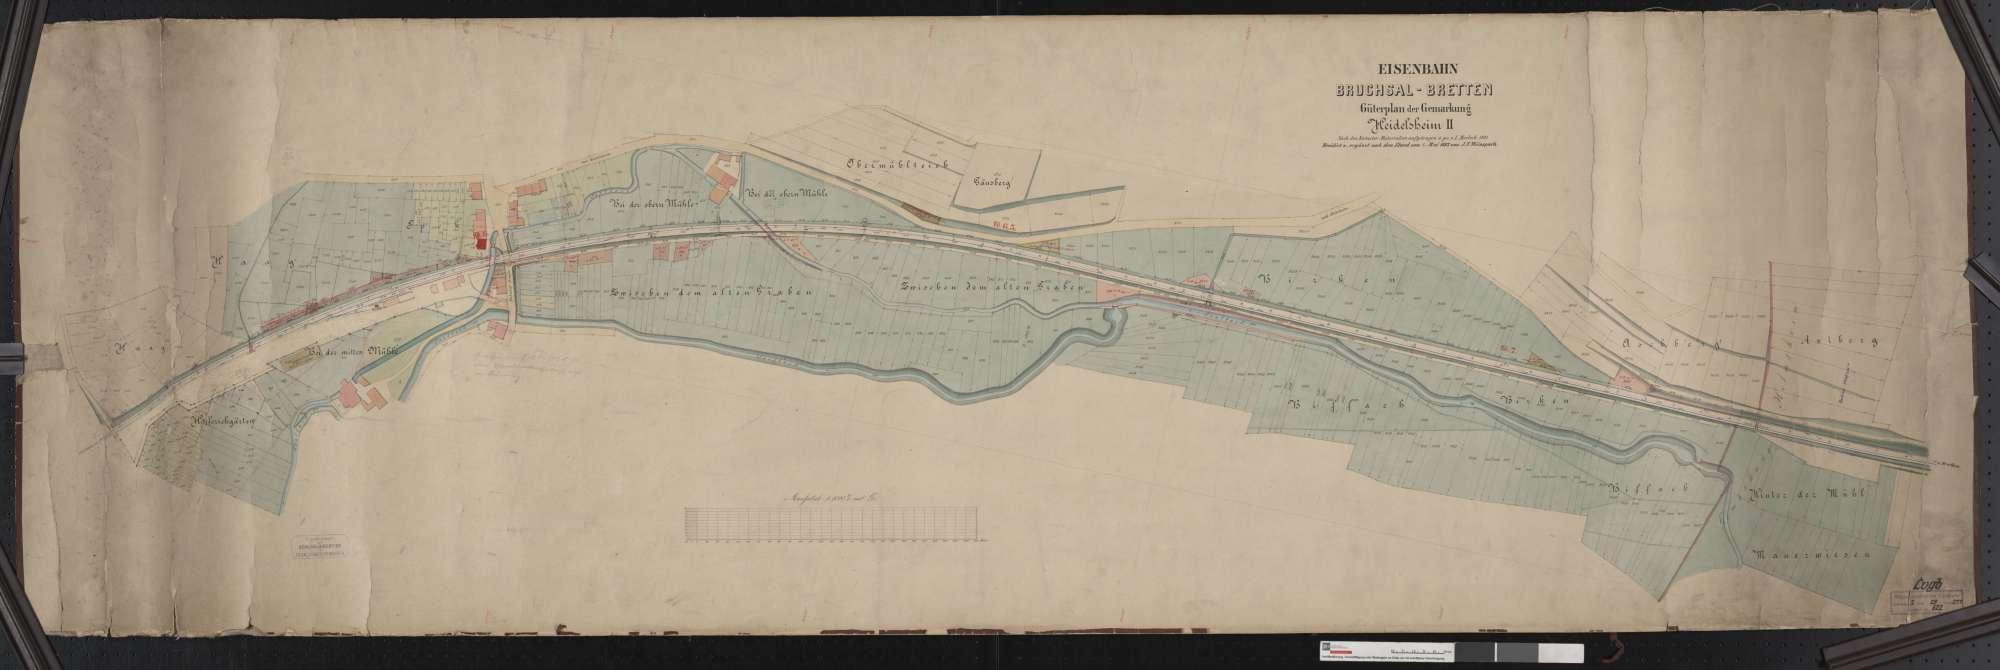 Güterplan der Bahn von Bruchsal bis Bretten: Gemarkung Heidelsheim Streckenausschnitt: 5,6 bis 7,4 km, Bild 1